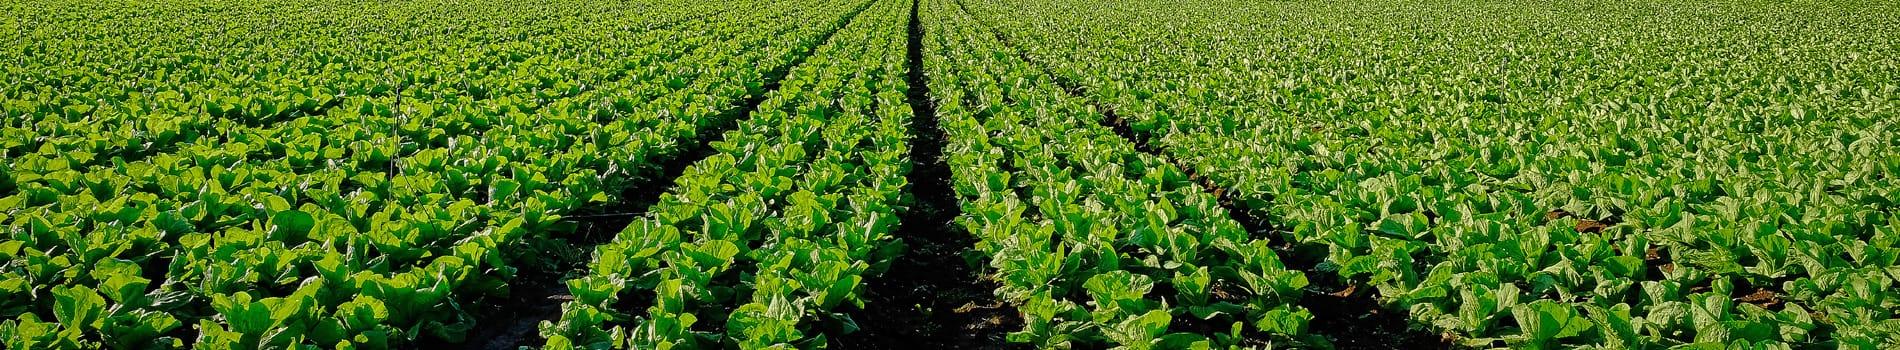 ausvegvic lettuce slider